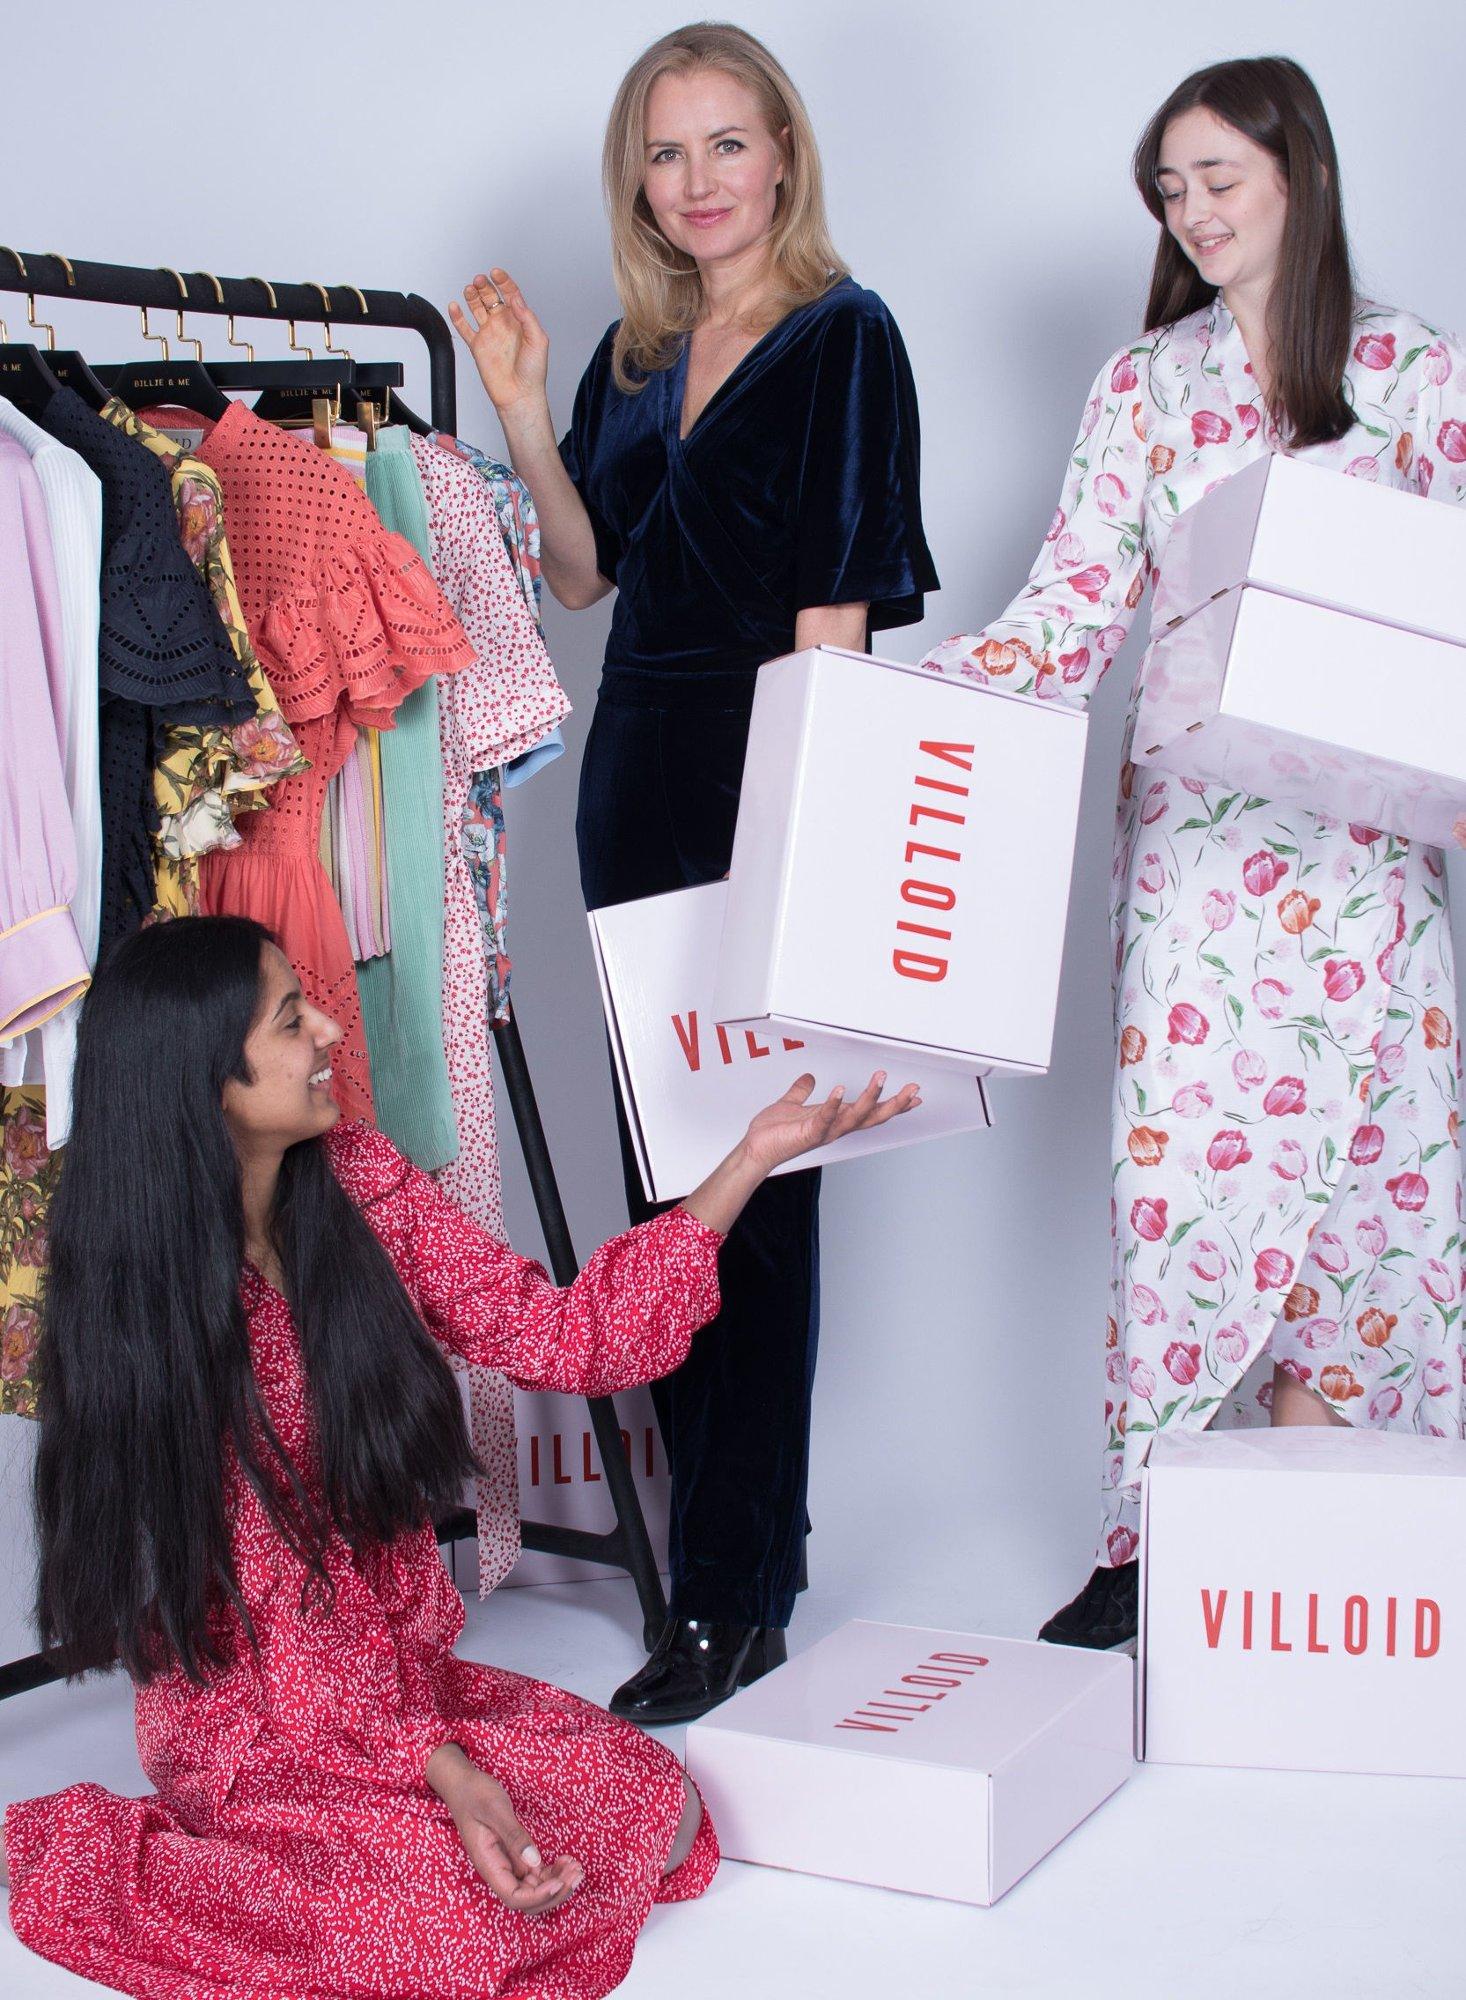 017150a4 Villoid og Jeanette Dyhre Kvisvik satser på kvinner, både som kunder og  investorer. Foto: Filipp Loebbert (V bilder)